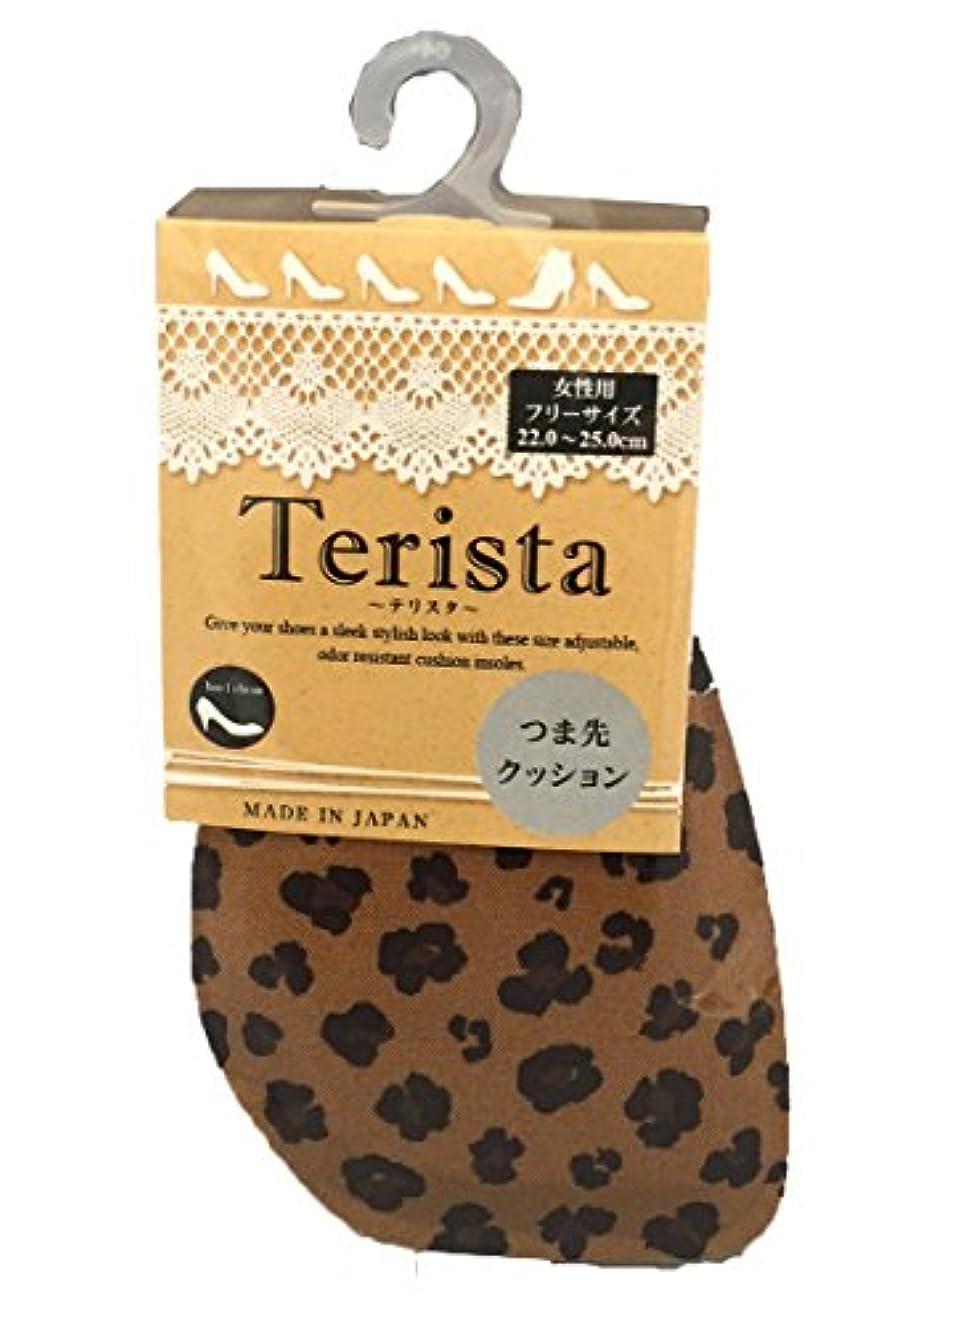 たっぷり便利さ効能あるモリト テリスタ つま先クッション レオパード柄 女性用 22.0~25.0cm